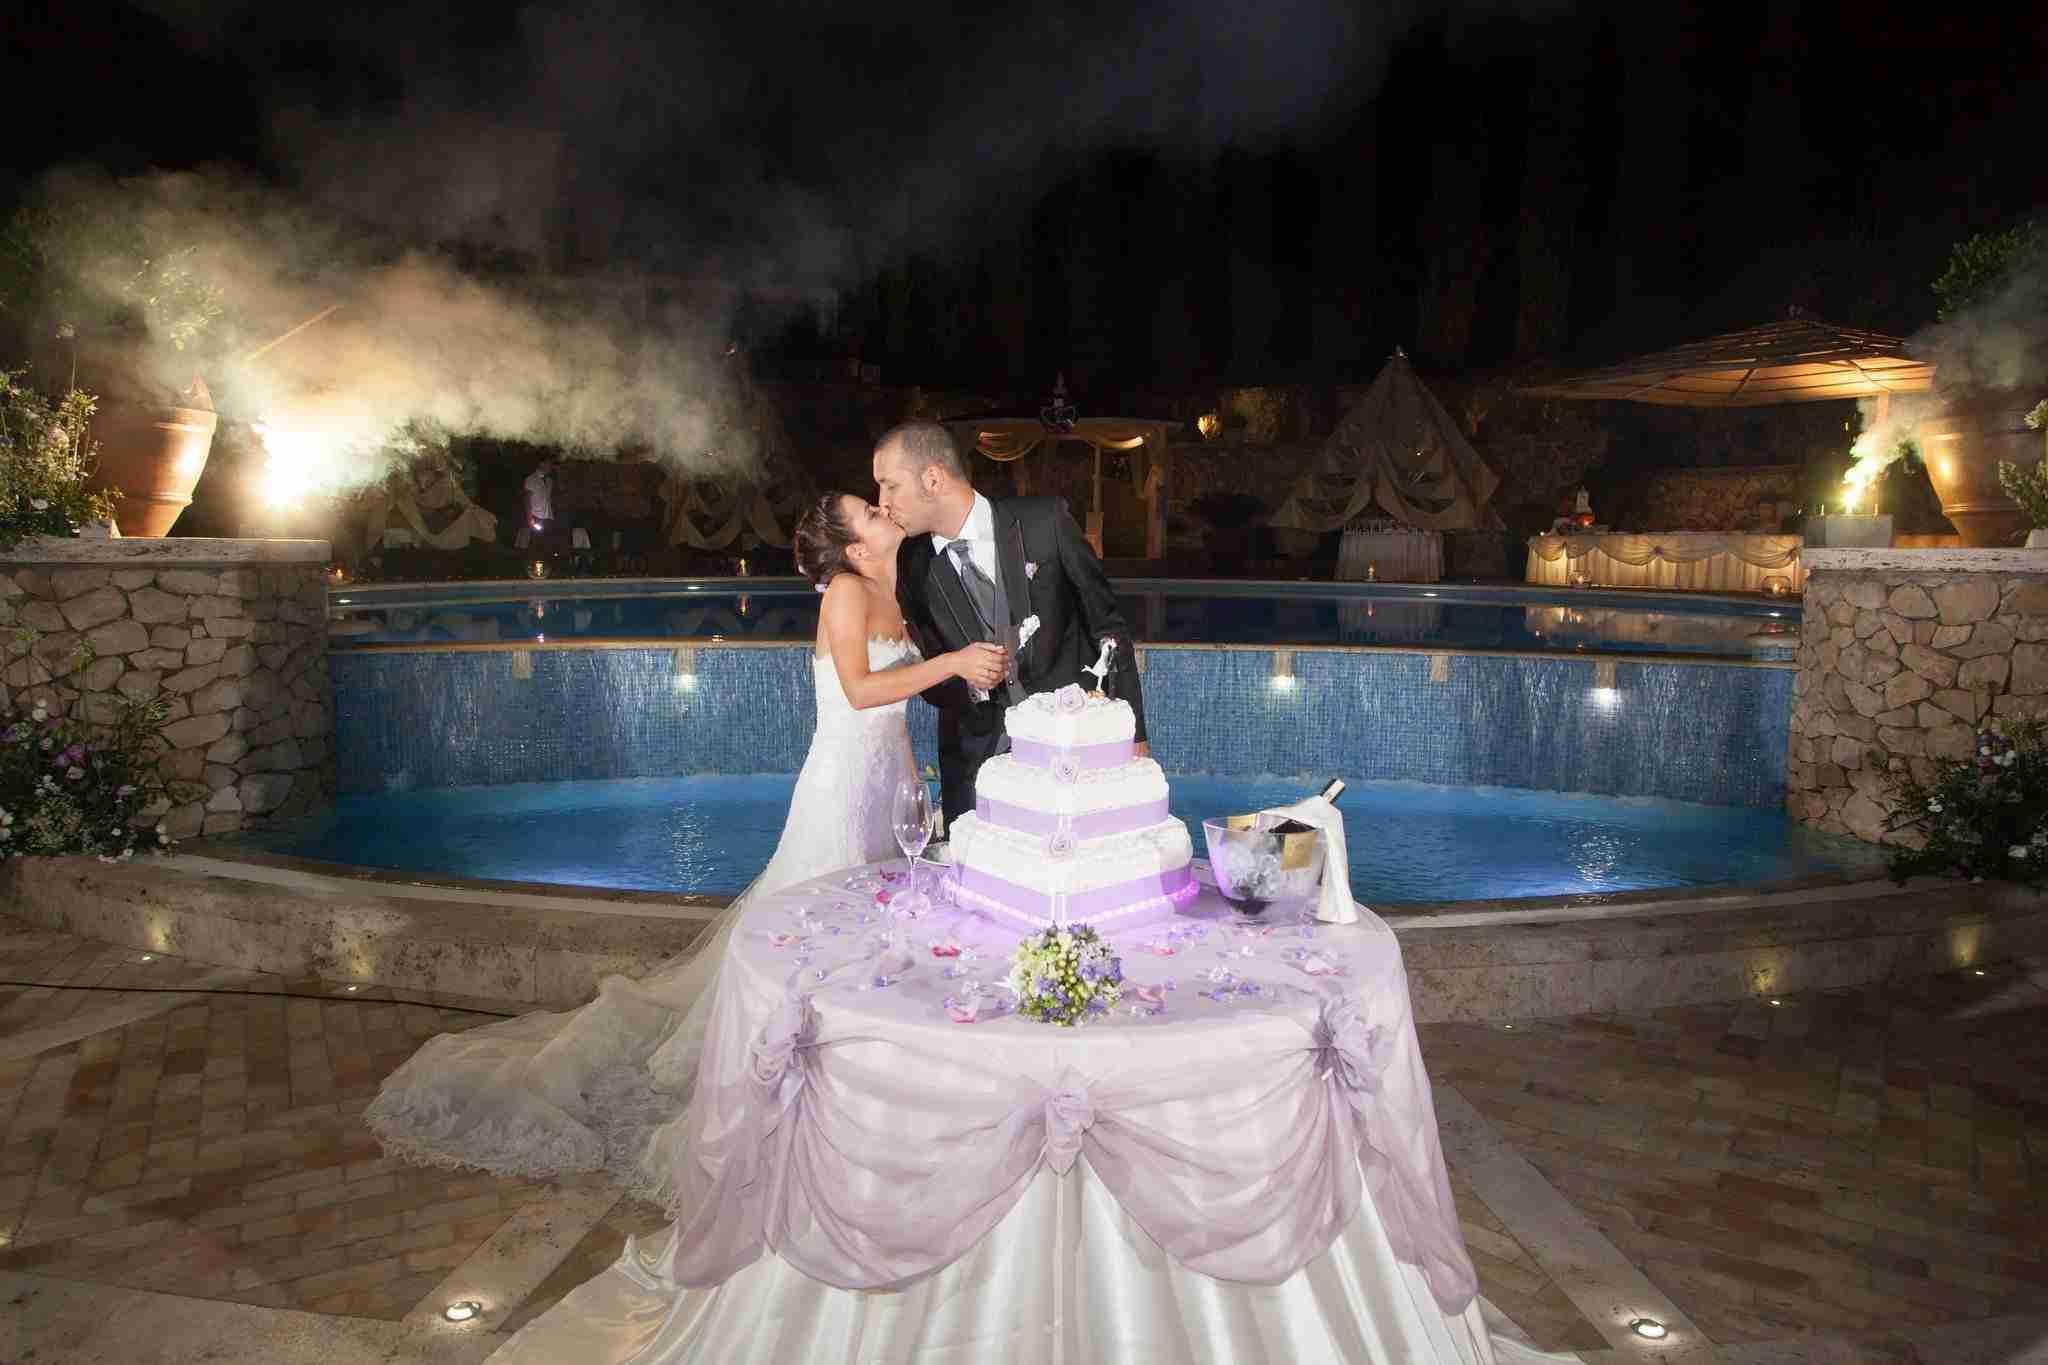 Matrimonio alla tenuta degli Alfei: Taglio Torta in giardino, piscina